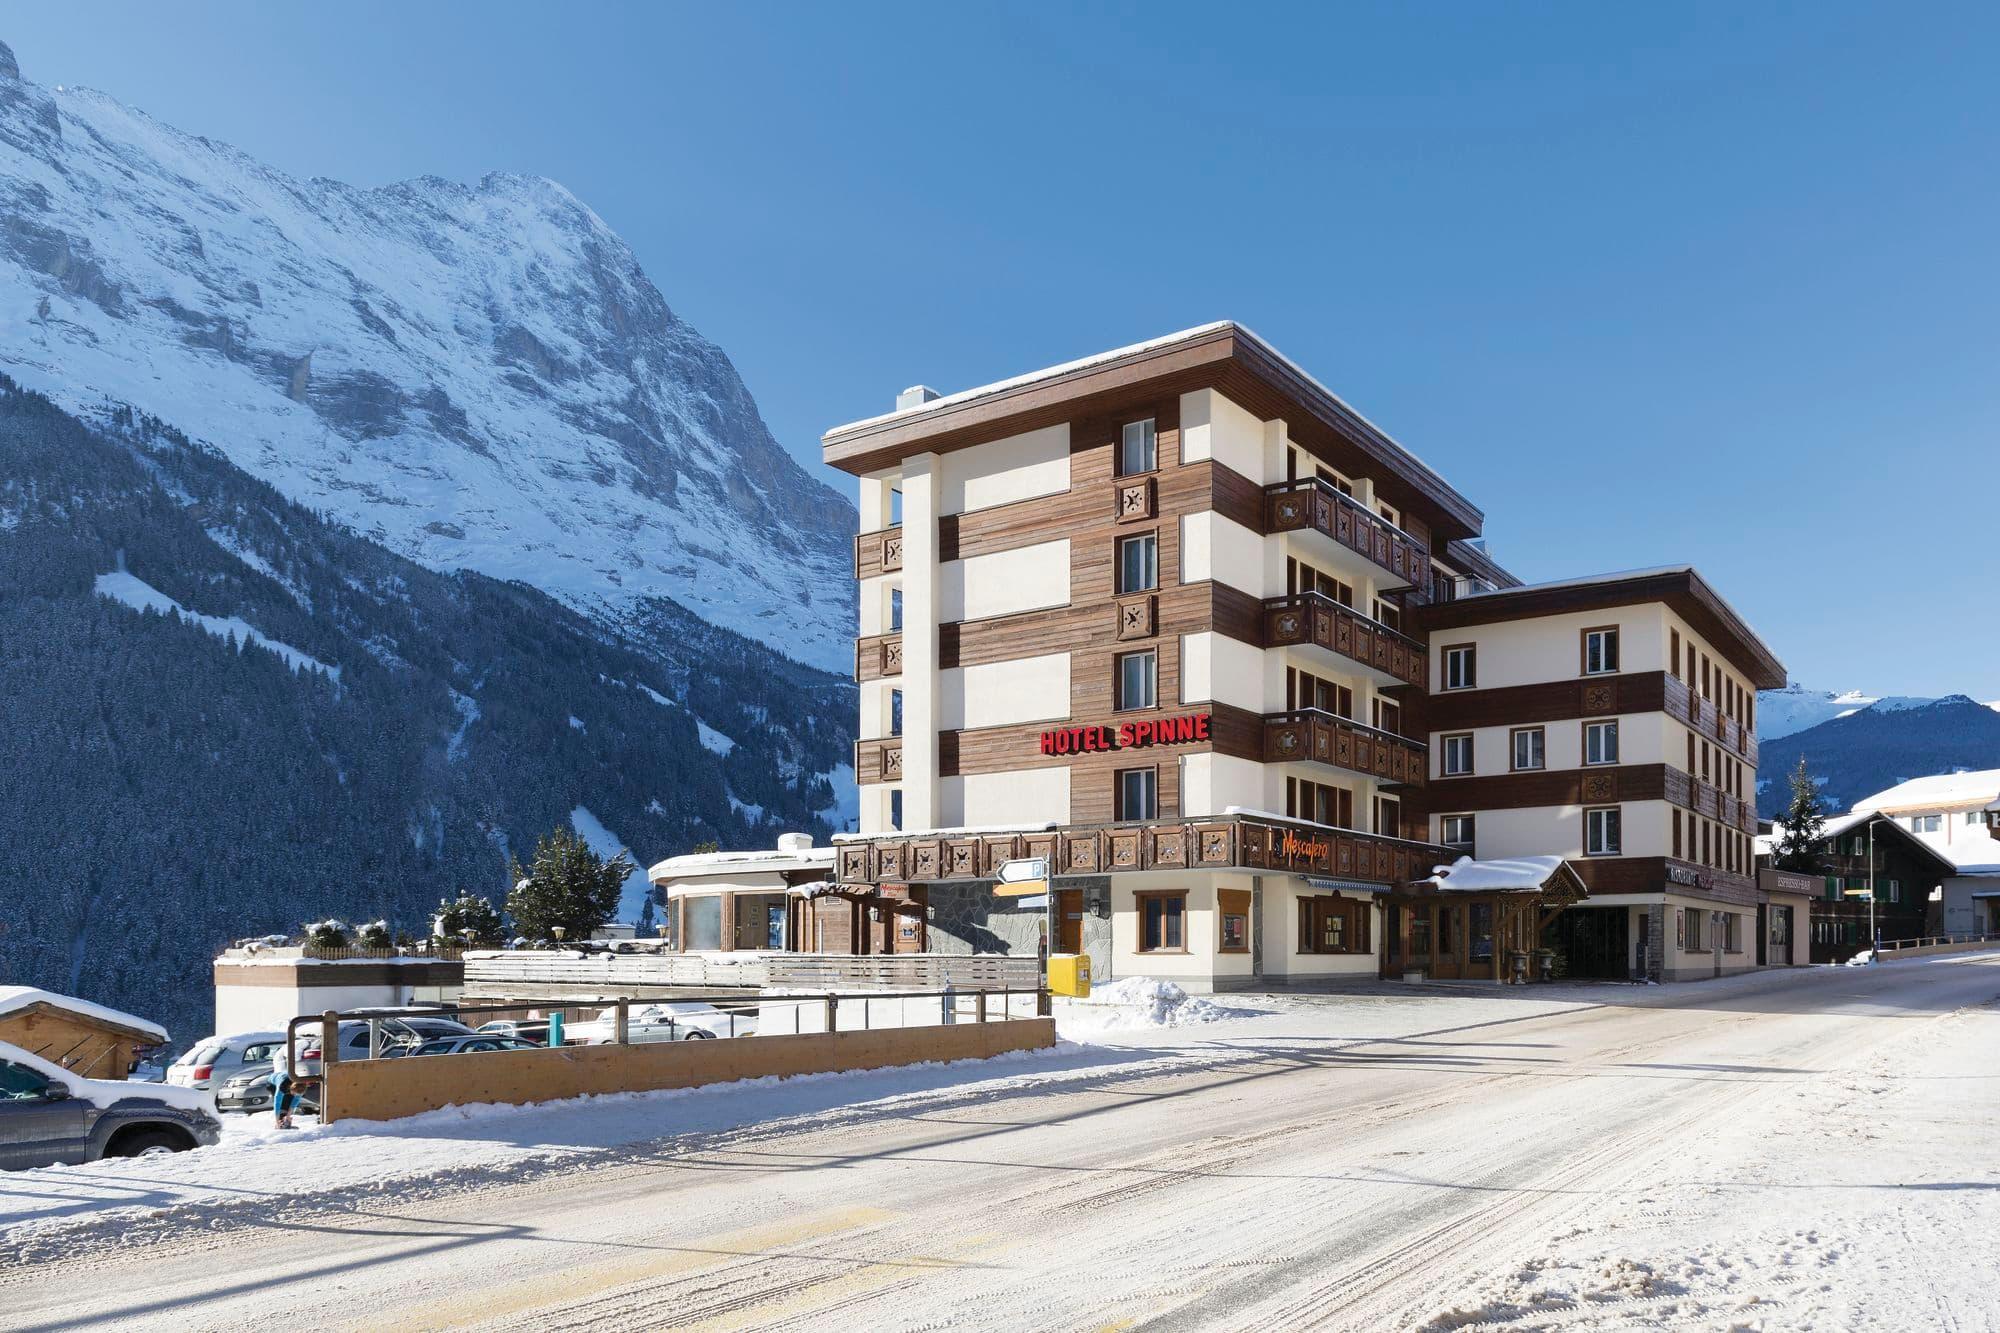 2 of 16 & Hotel Spinne | Grindelwald | Crystal Ski